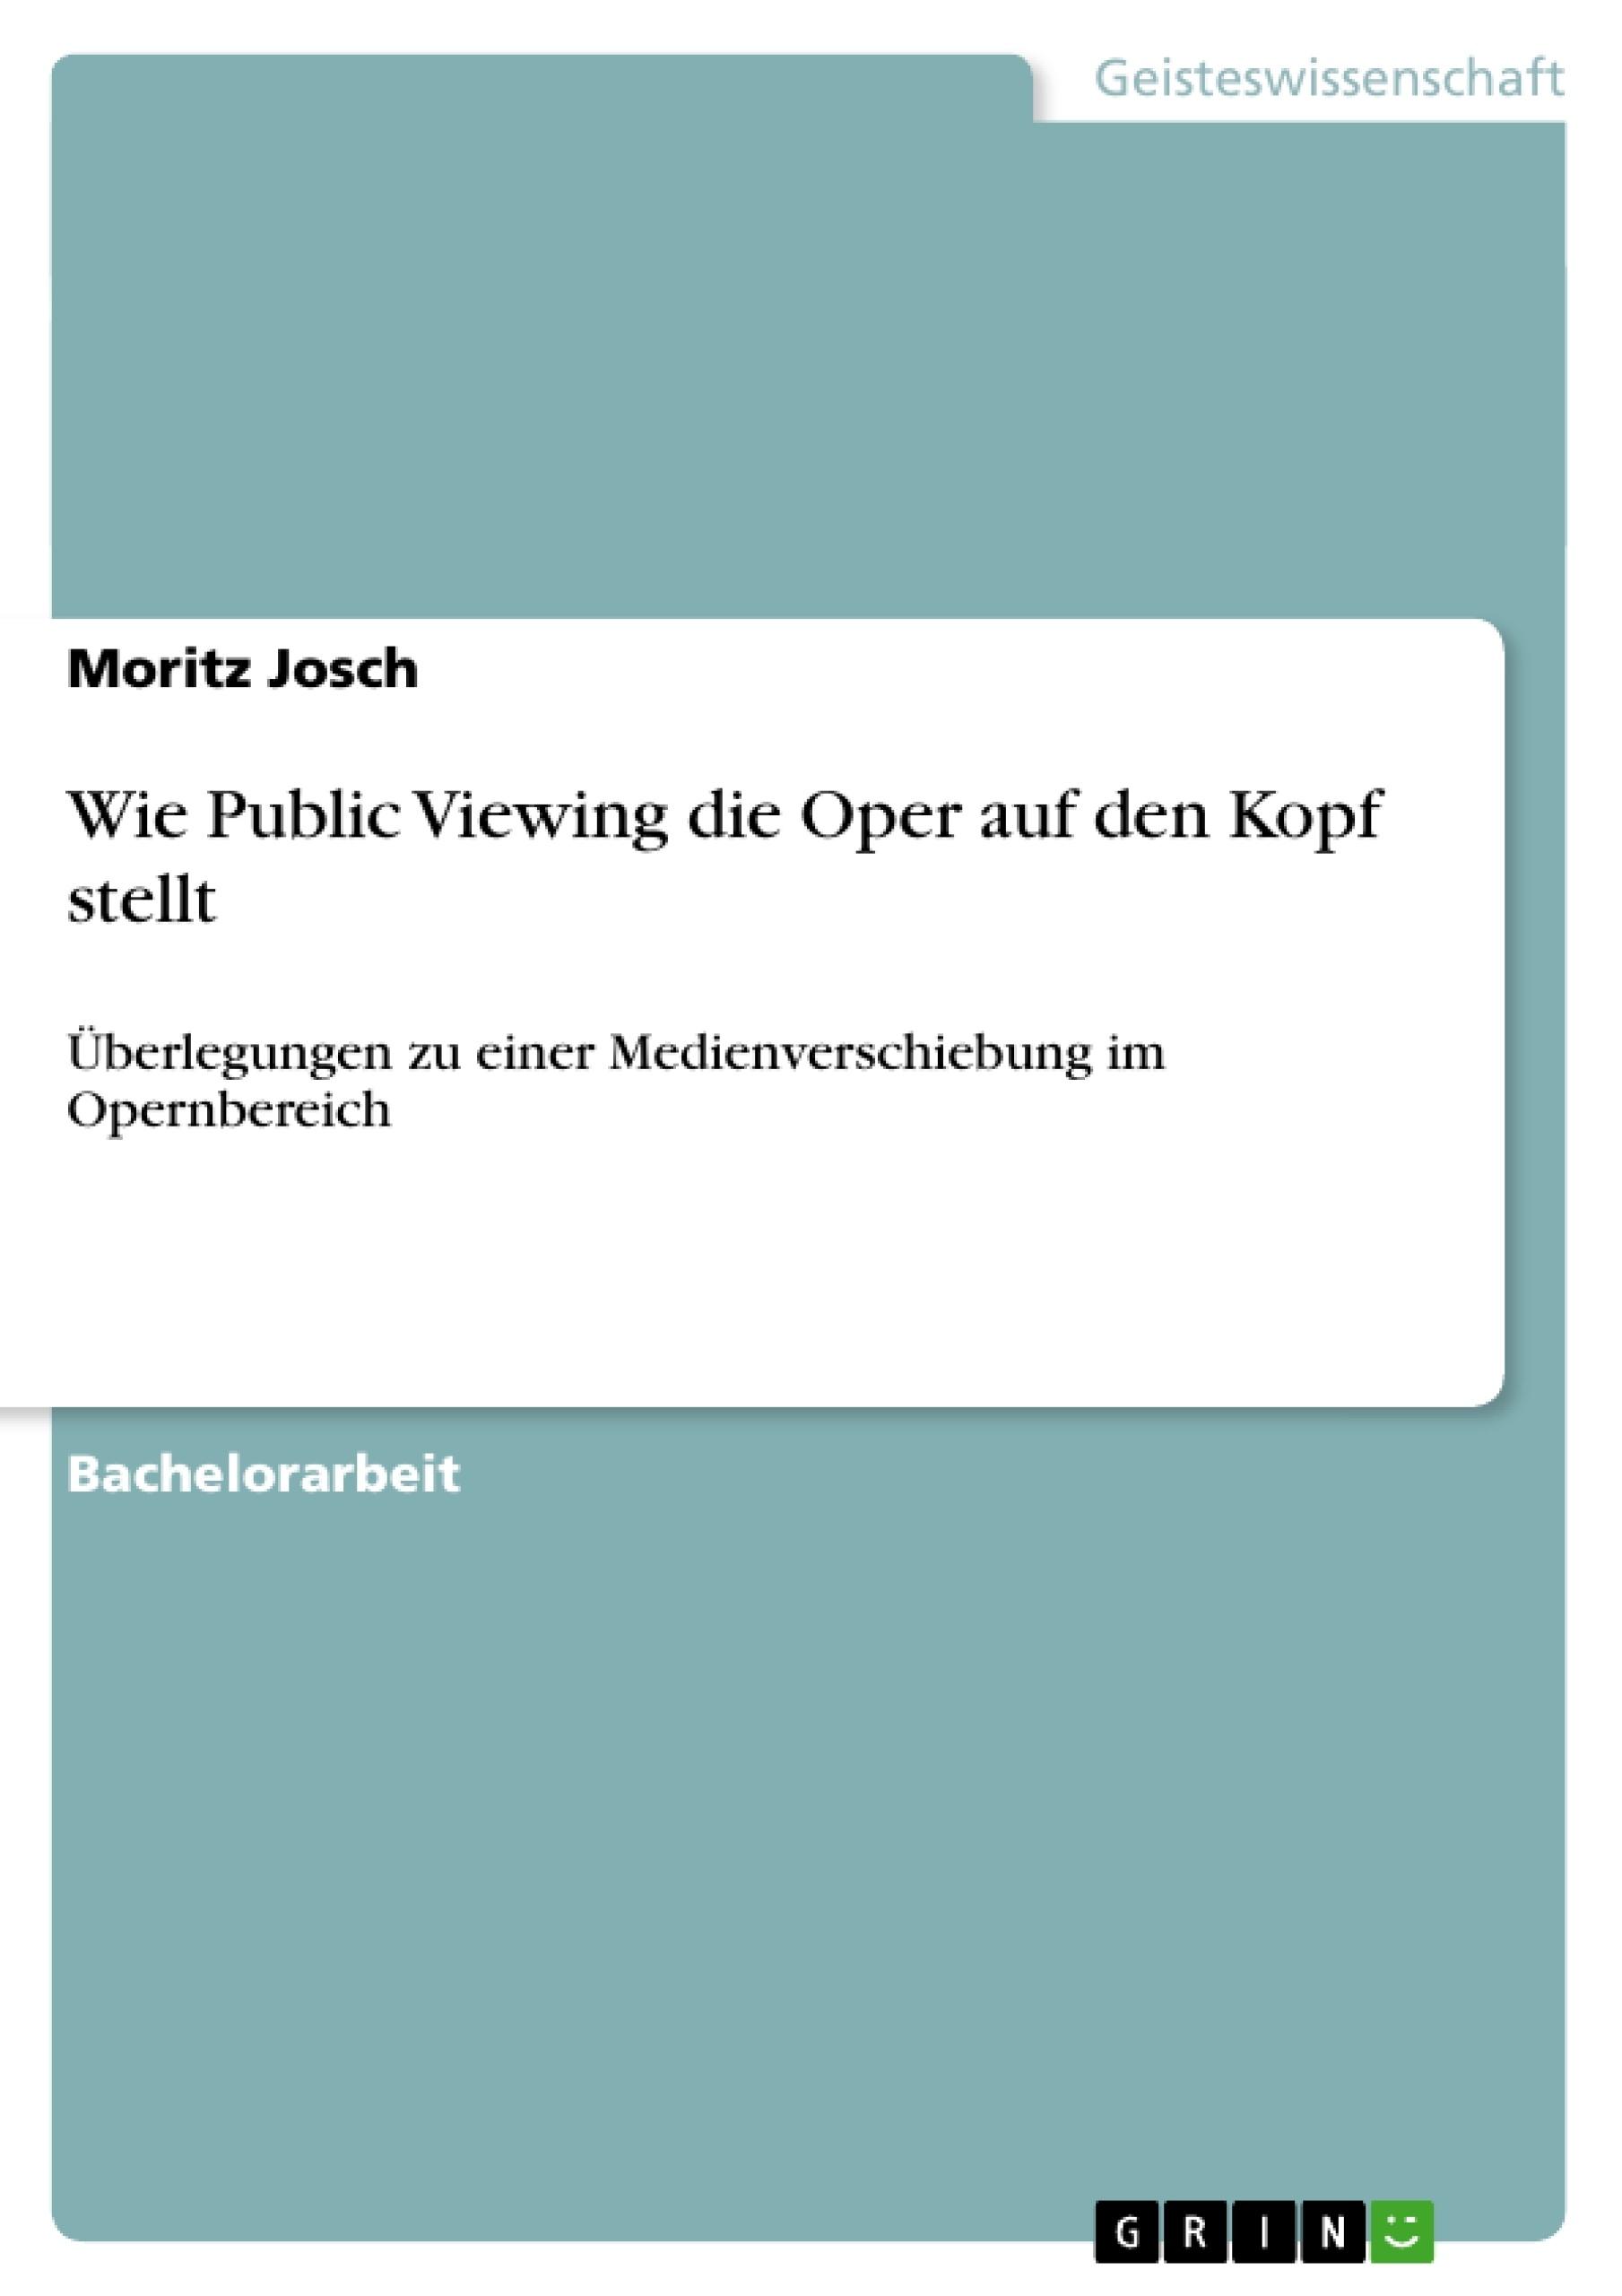 Titel: Wie Public Viewing die Oper auf den Kopf stellt